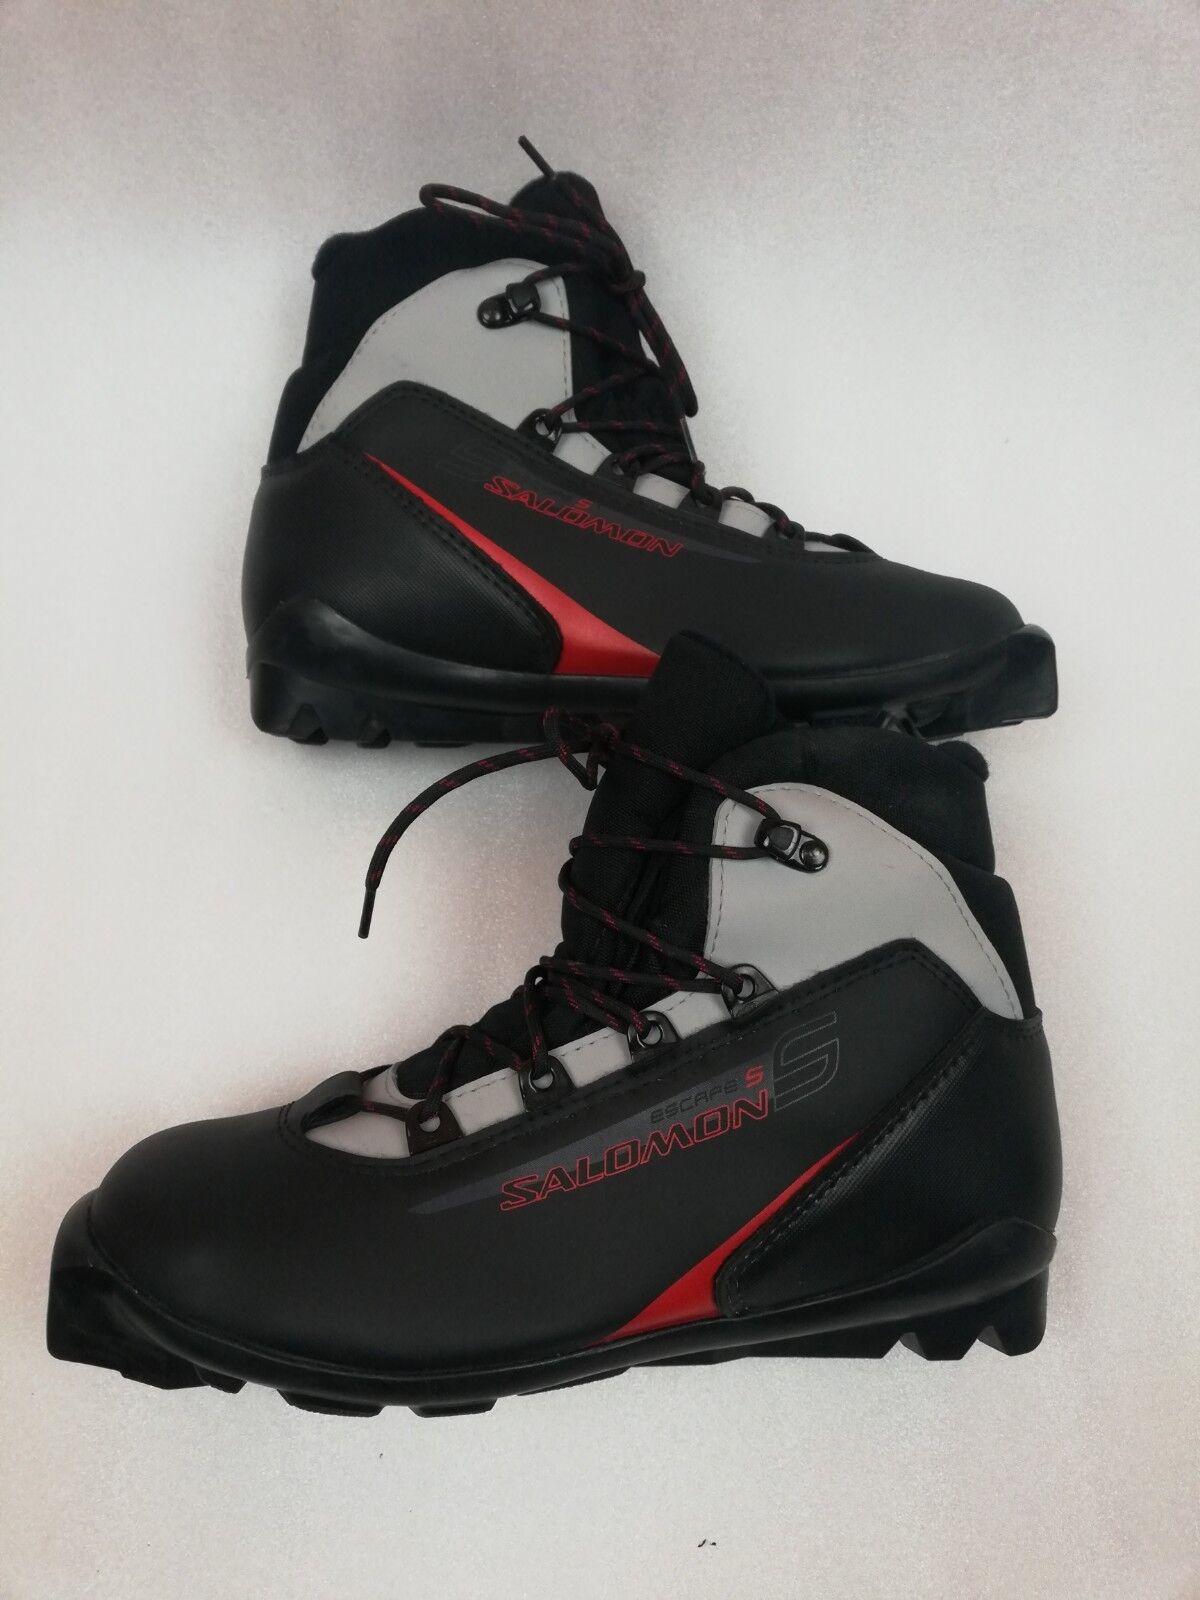 Salomon escape S Cross-Country Ski Boots unisex sz eu 38 us 6